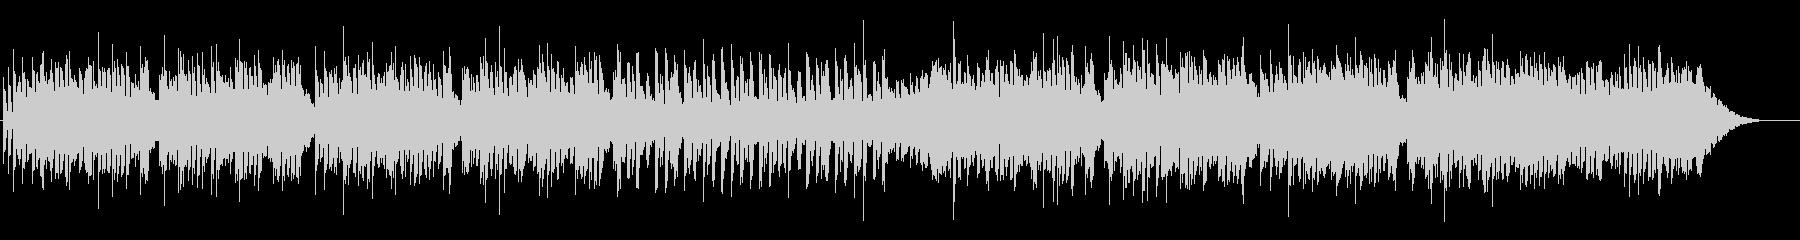 オルゴールとストリングのシンプルな曲の未再生の波形